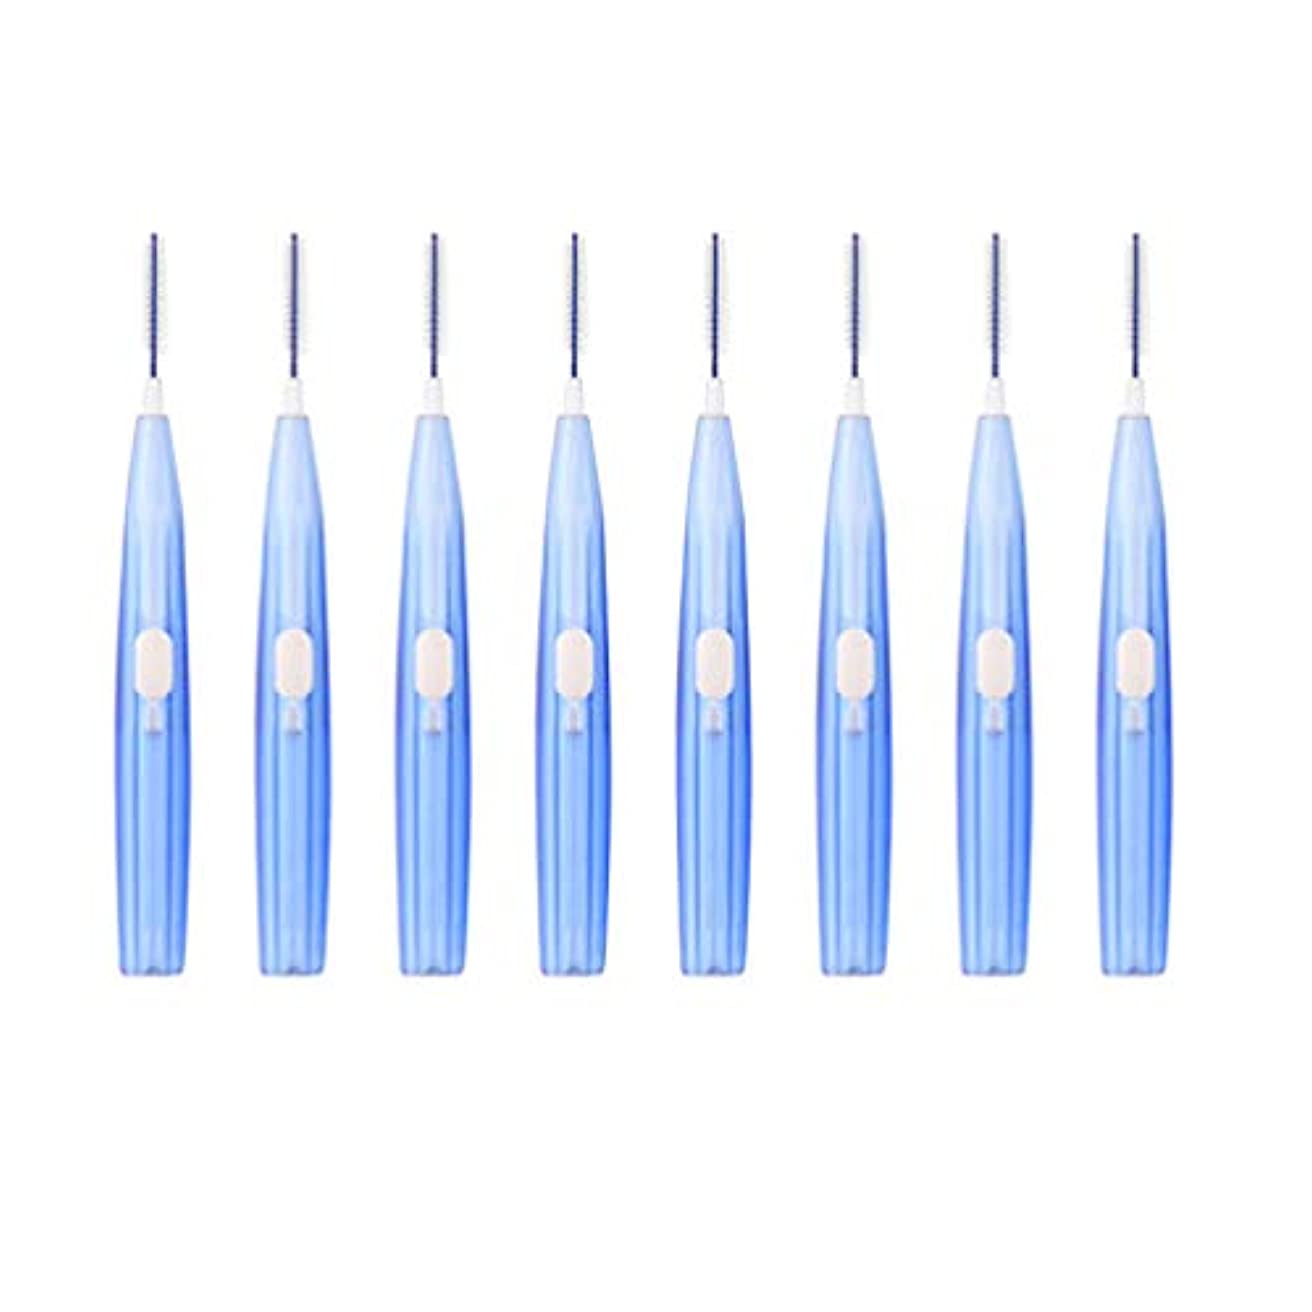 受粉する不承認天才SUPVOX 8pcs歯間ピックデンタルブラシピックダブルヘッドデンタルフロス歯間クリーナー(青)